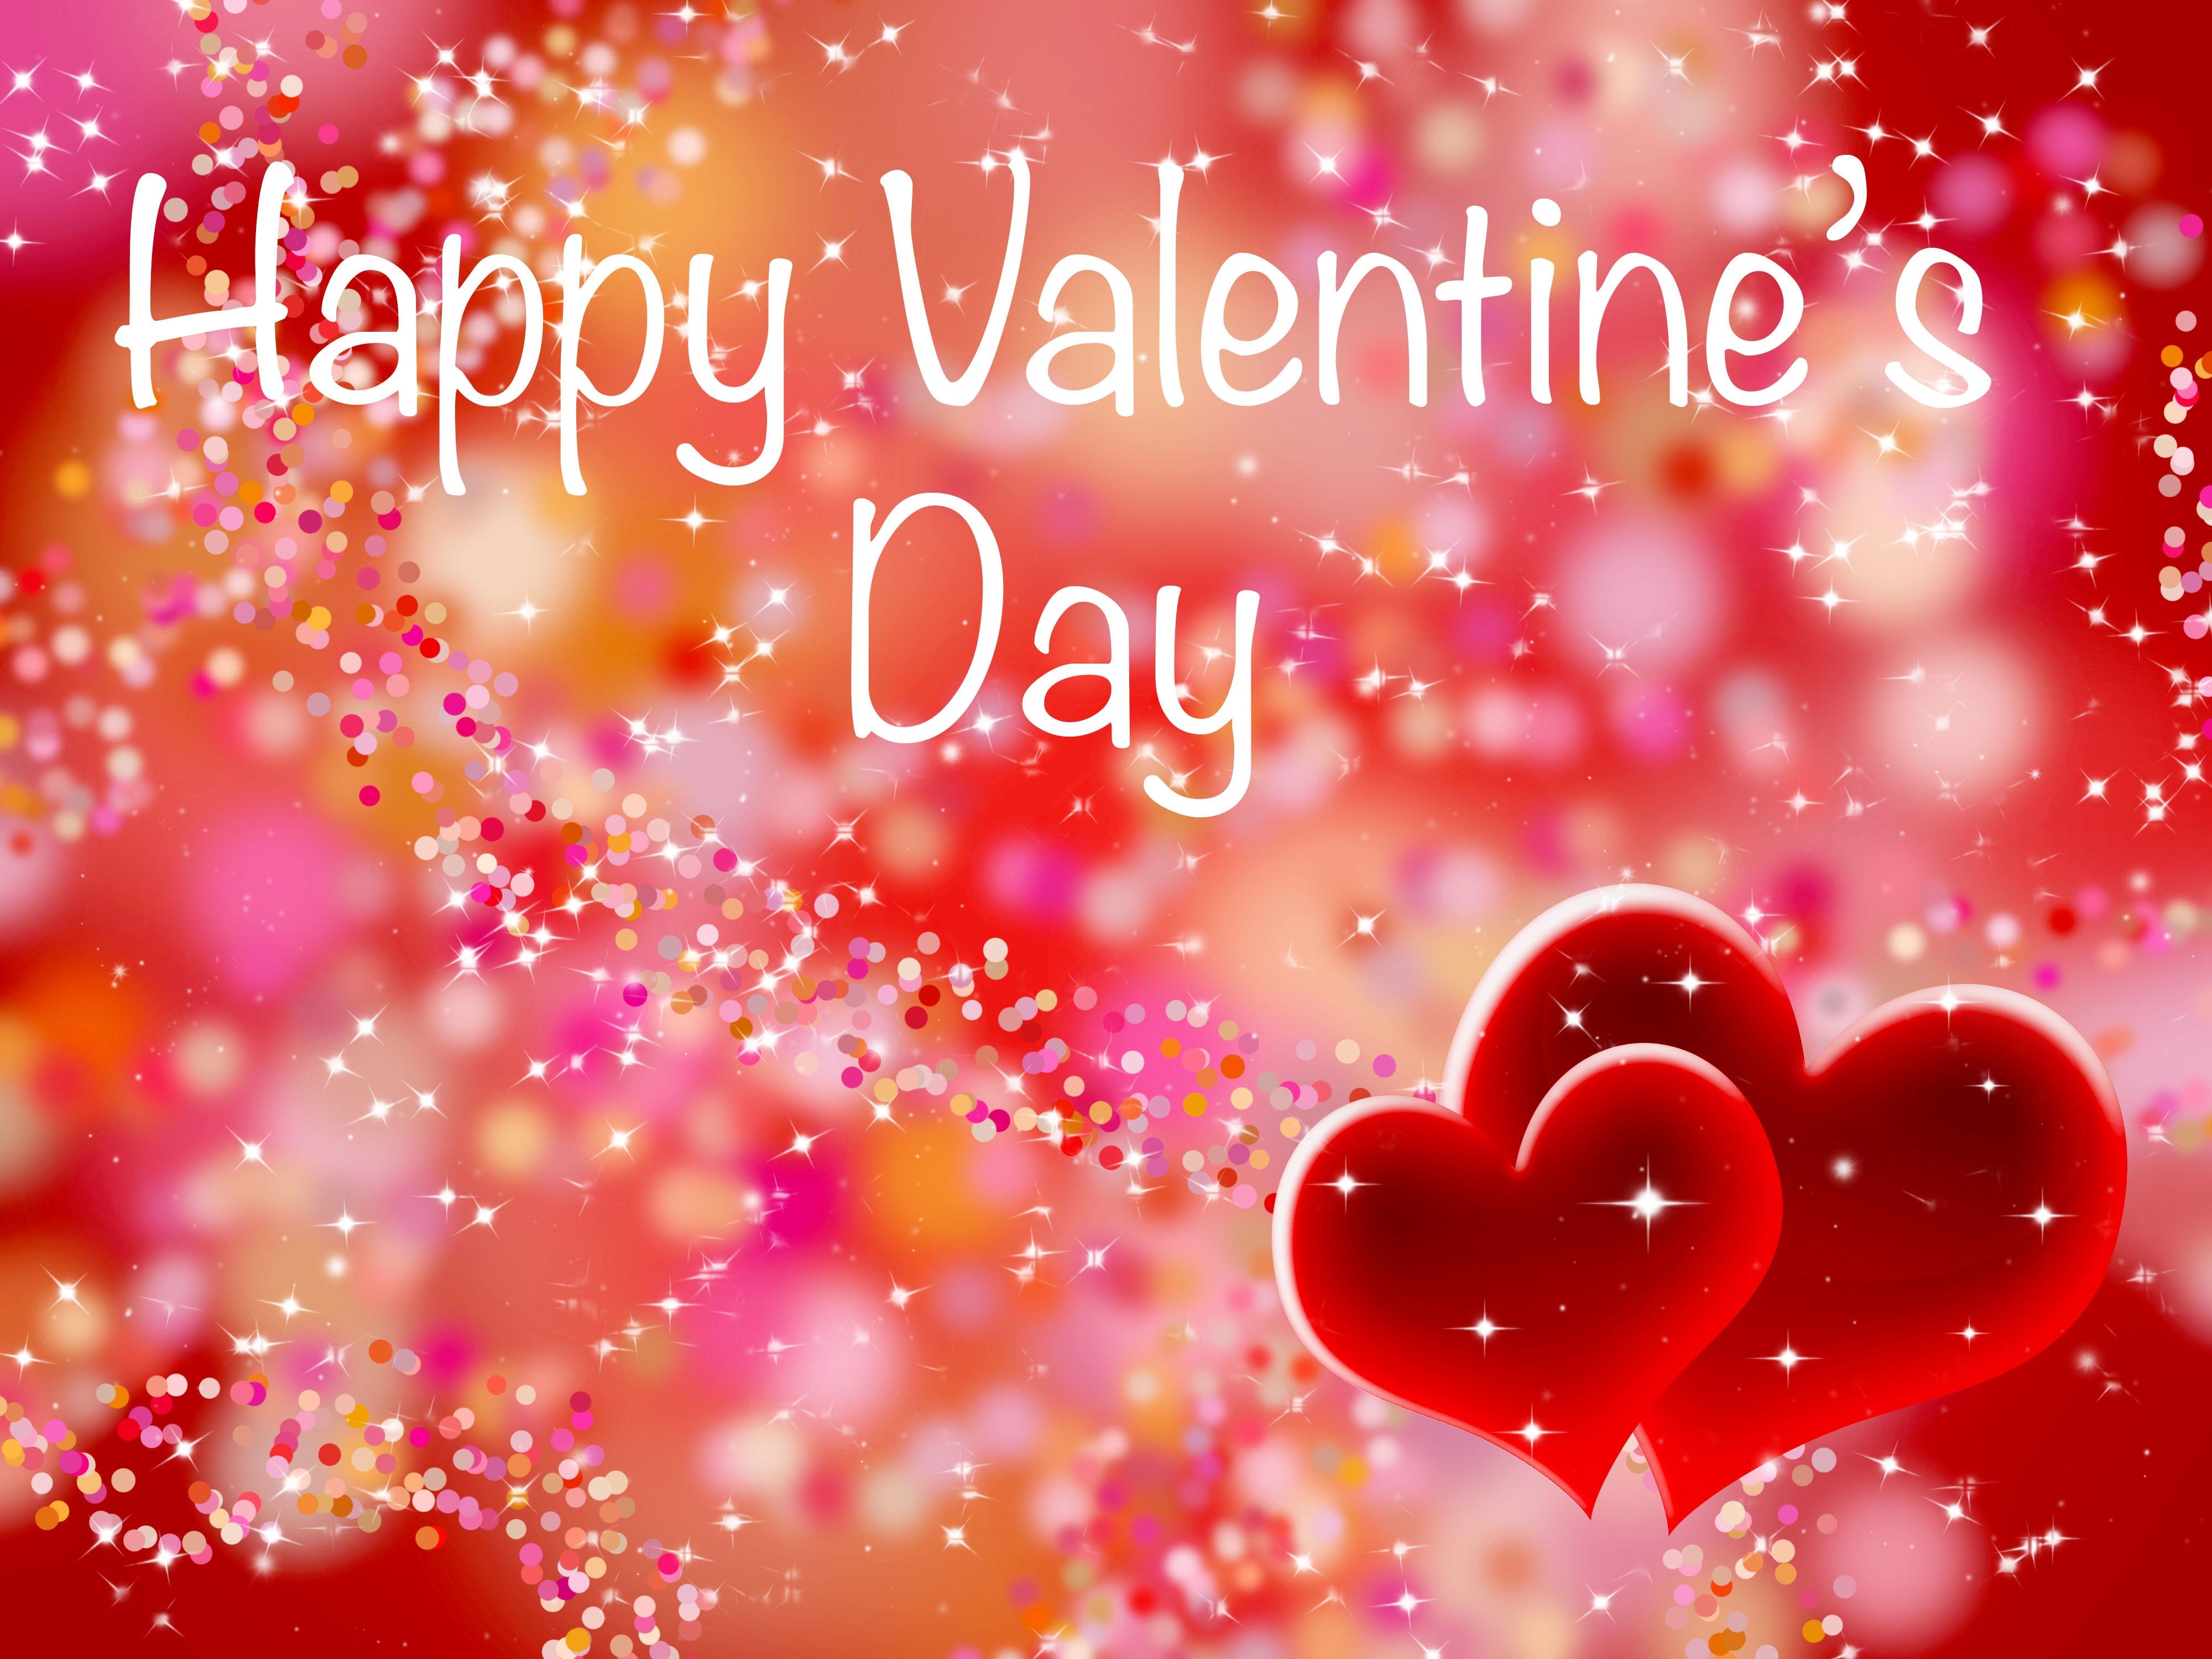 Valentine's Day Wishes for Girlfriend in Urdu in 2018